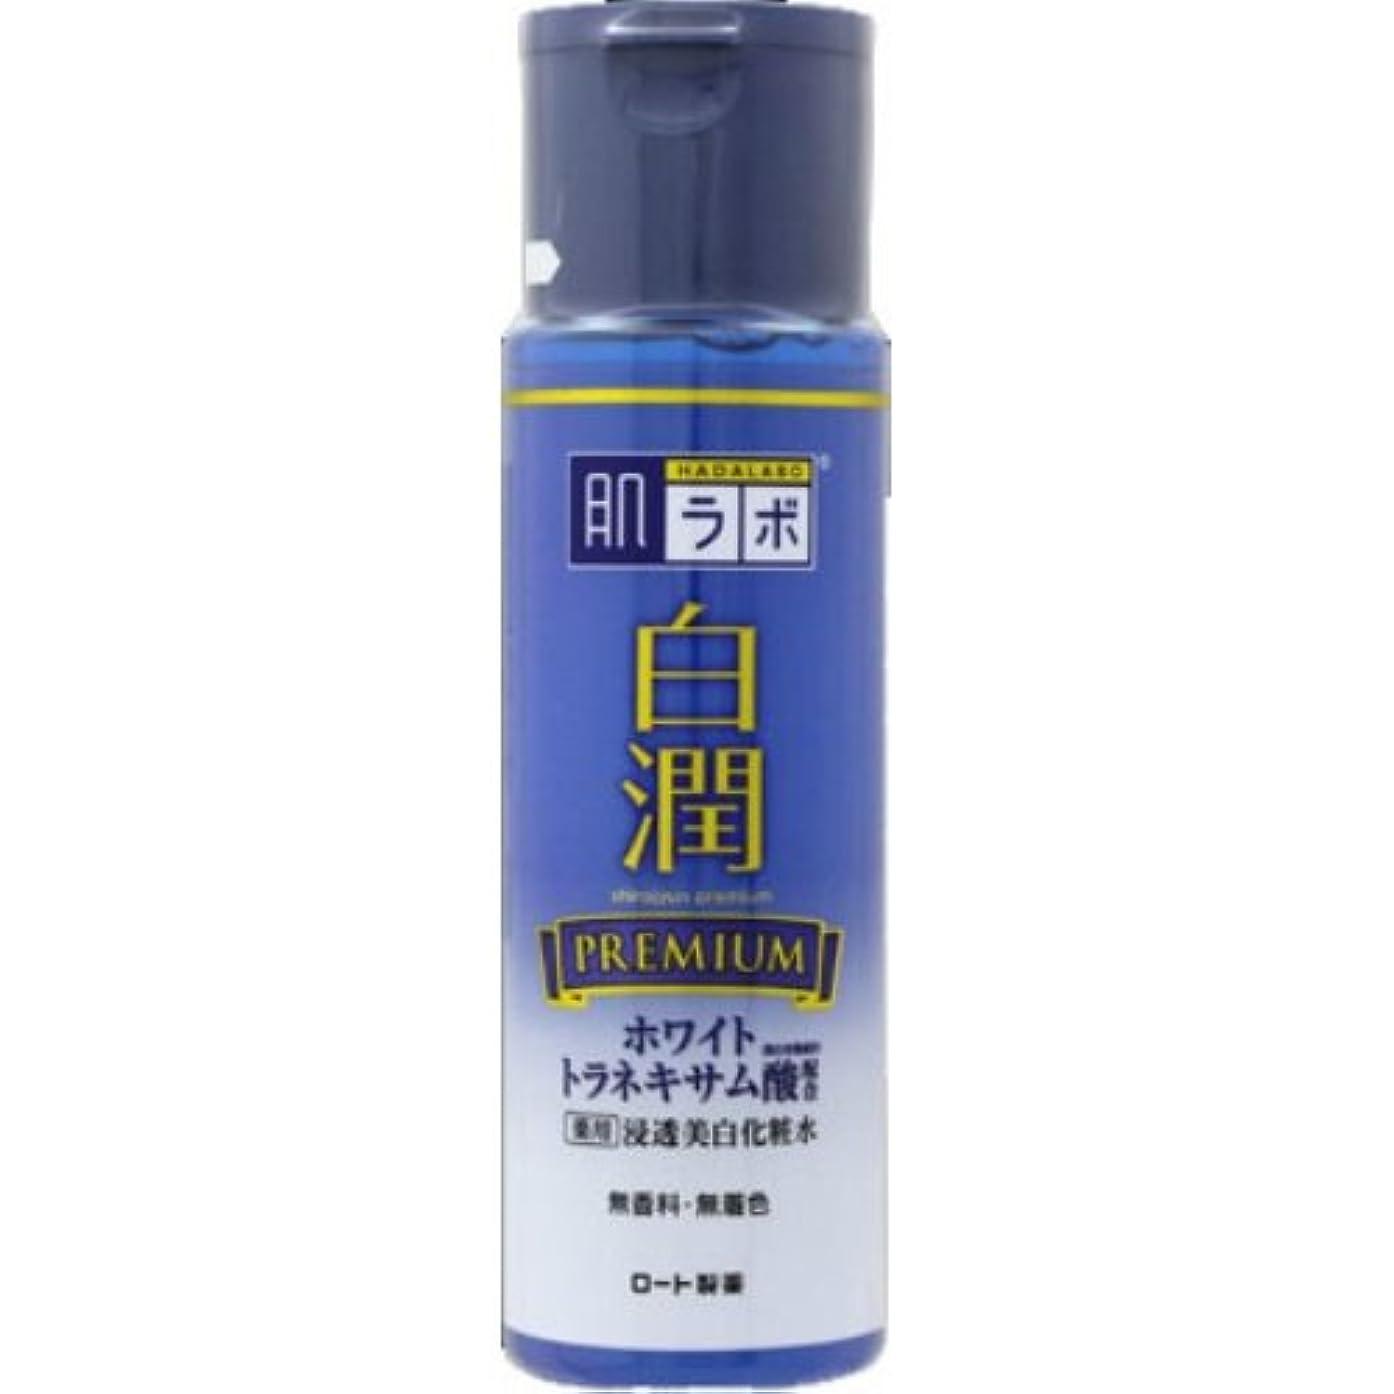 アンビエントブラジャー流行している肌ラボ 白潤プレミアム 薬用浸透美白化粧水 170mL × 3個セット